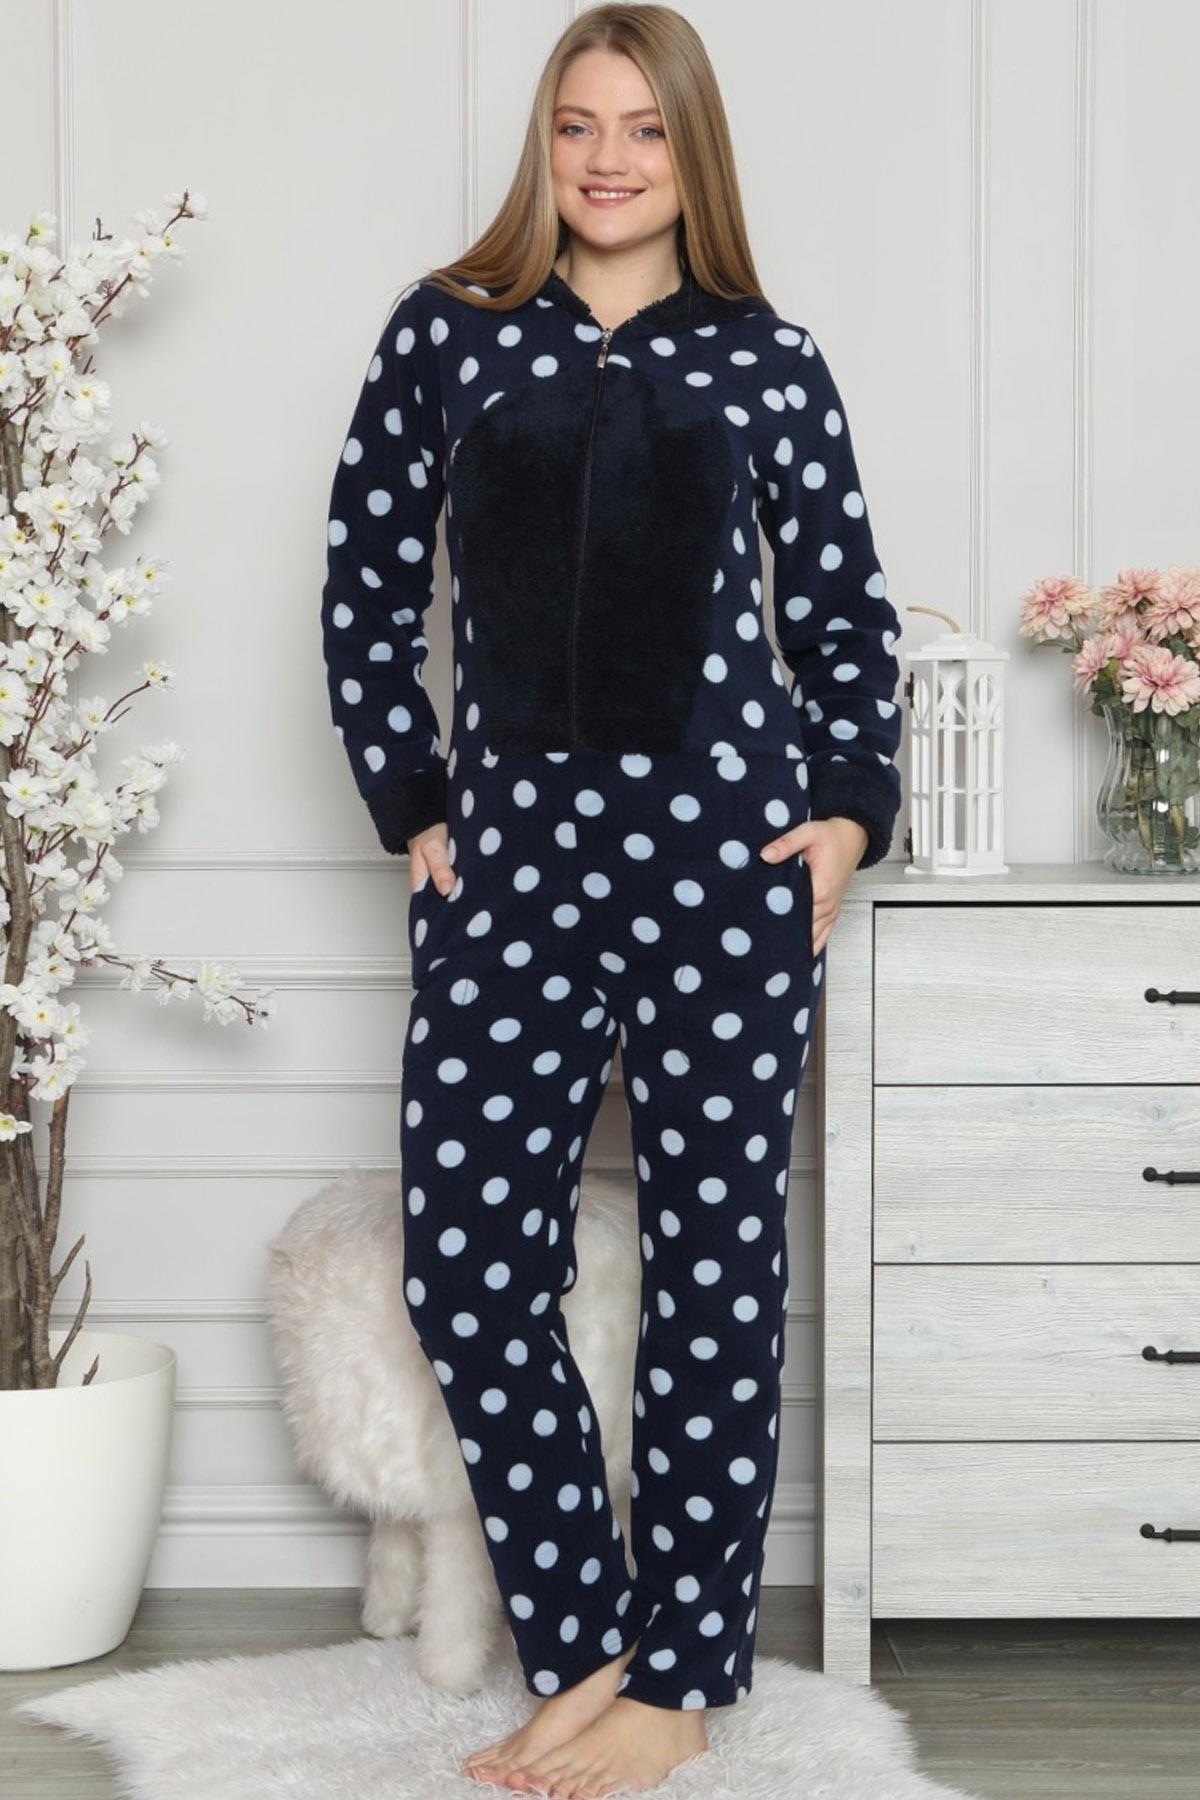 Pijamaevi Kadın Lacivert Büyük Puan Desenli Kadın Polar Peluş Tulum Pijama 1